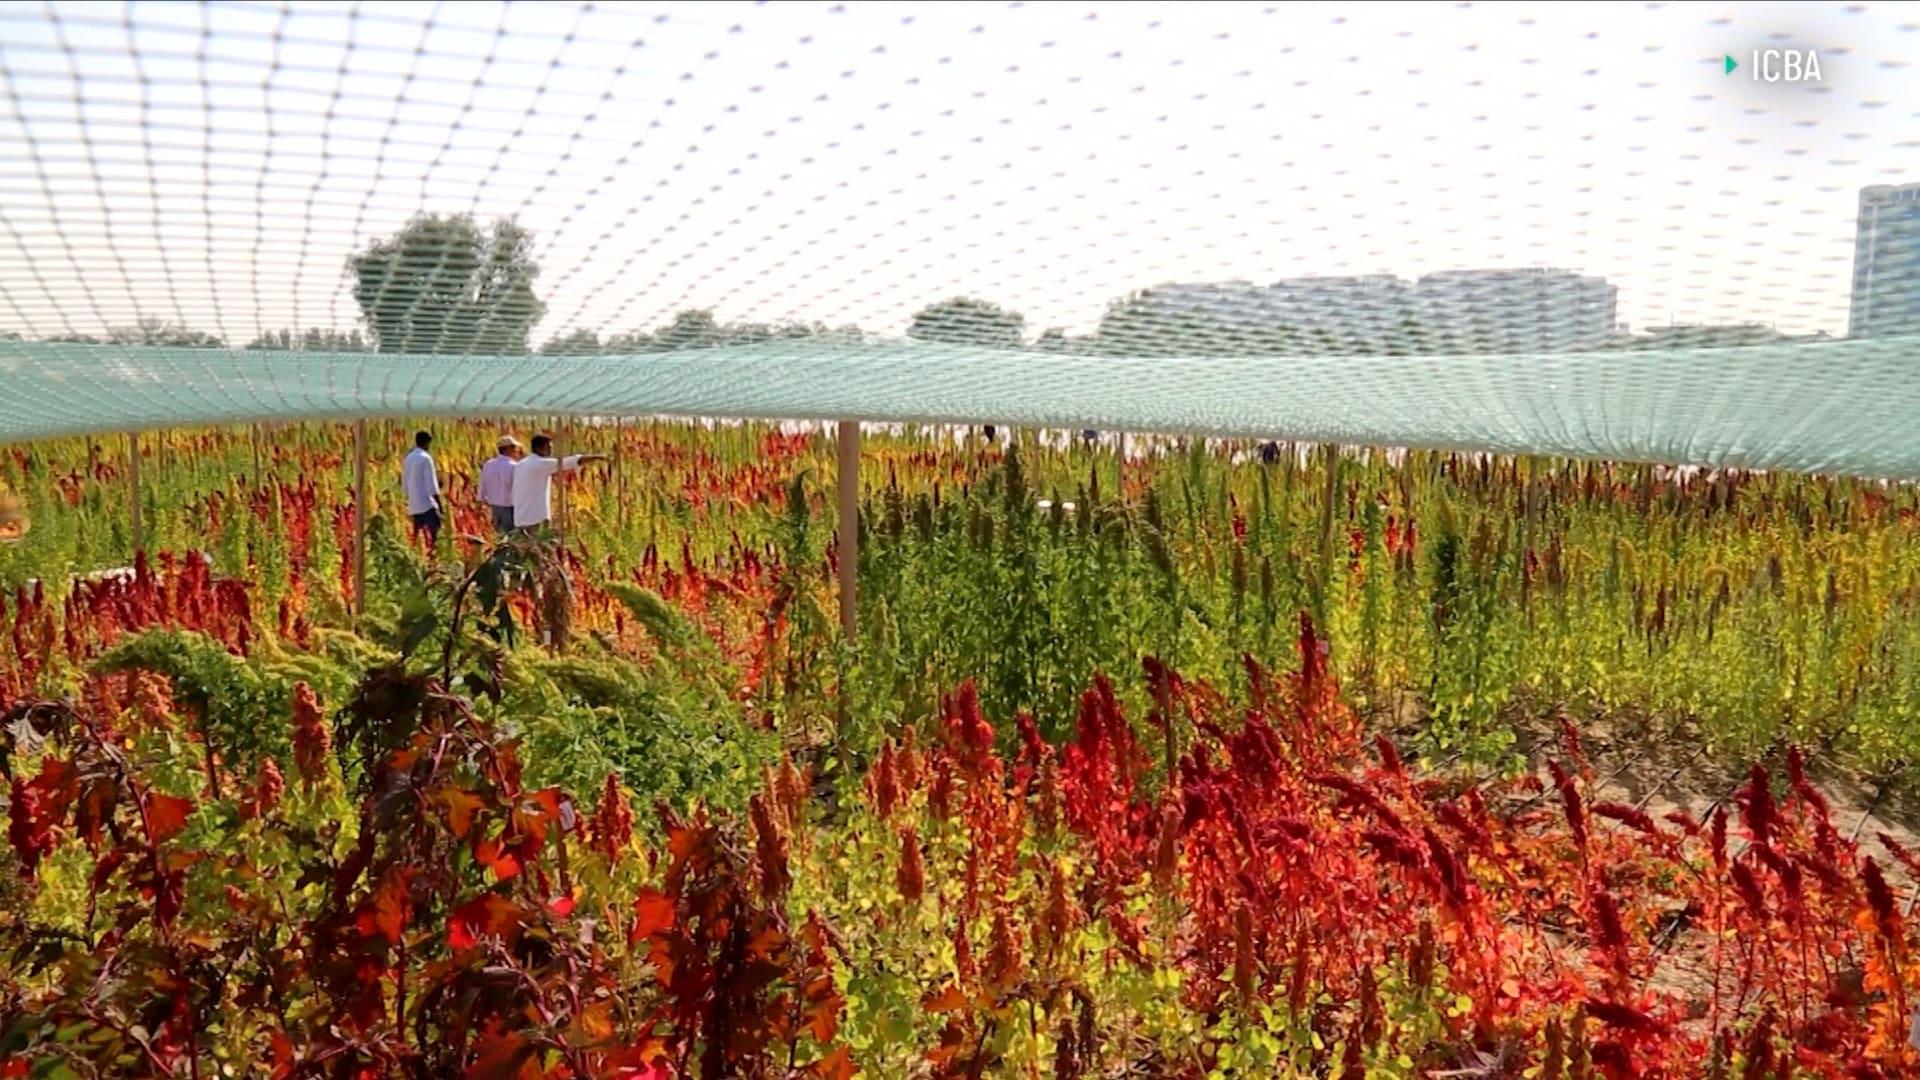 شركة في دبي تزرع محاضيل مقاومة للجفاف والحرارة في الصحراء